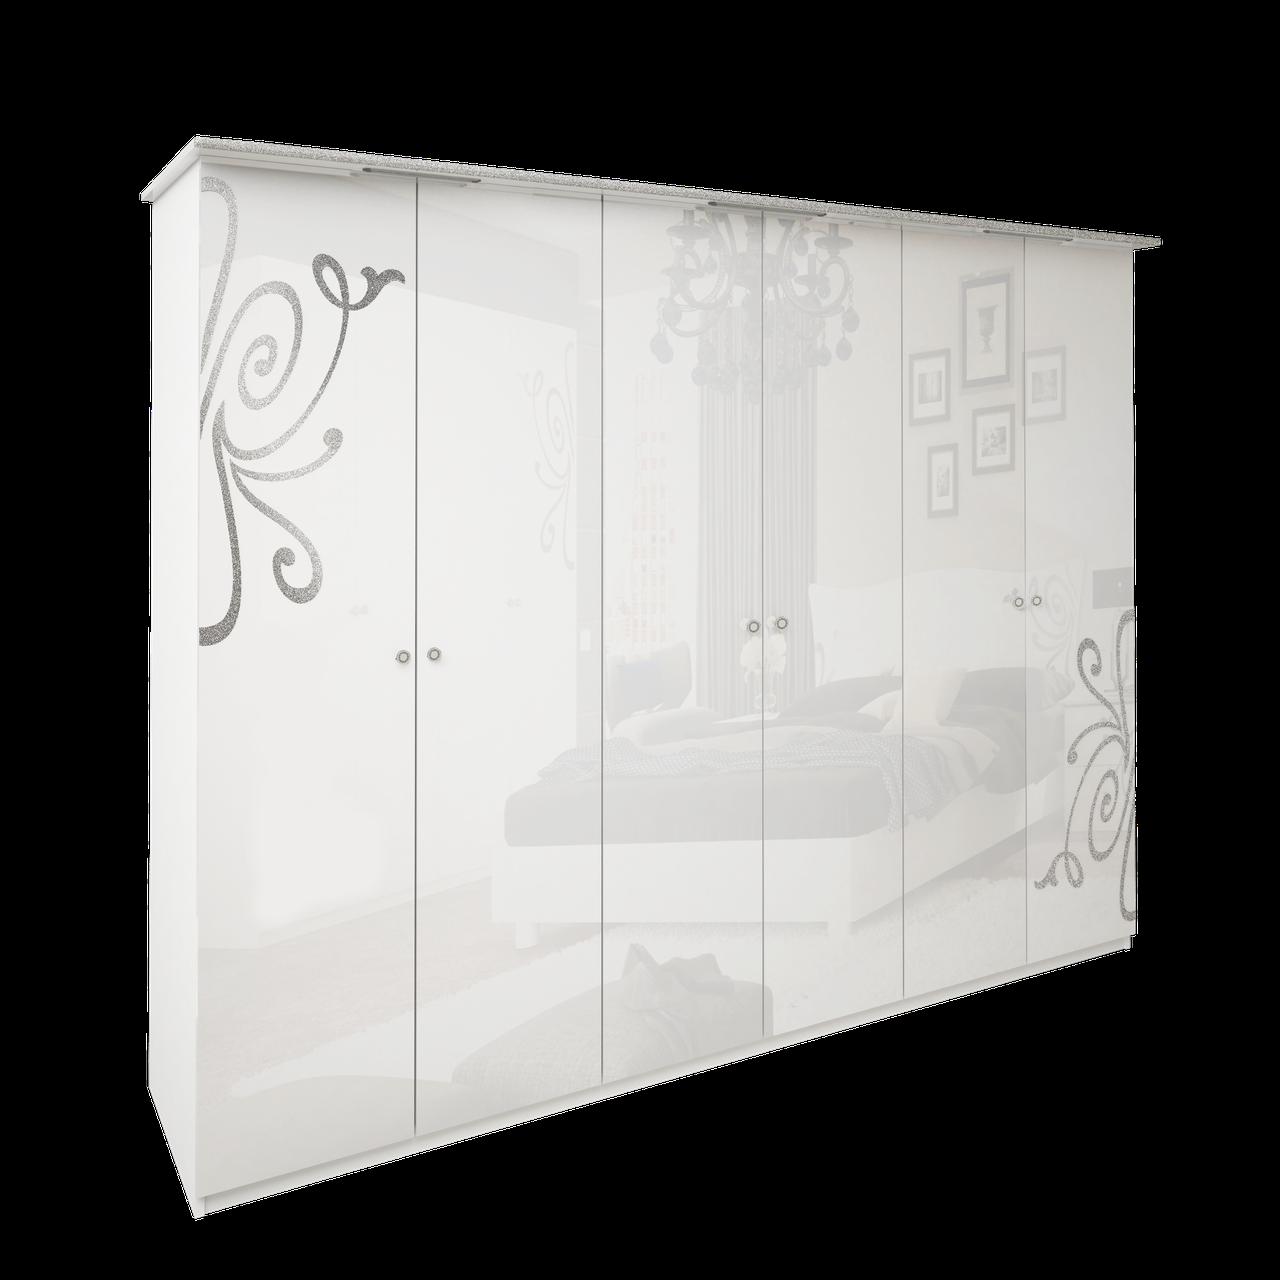 Шафа (шкаф) з ДСП/МДФ в спальню/вітальню/дитячу Богема 6Д без дзеркал білий Миро-Марк